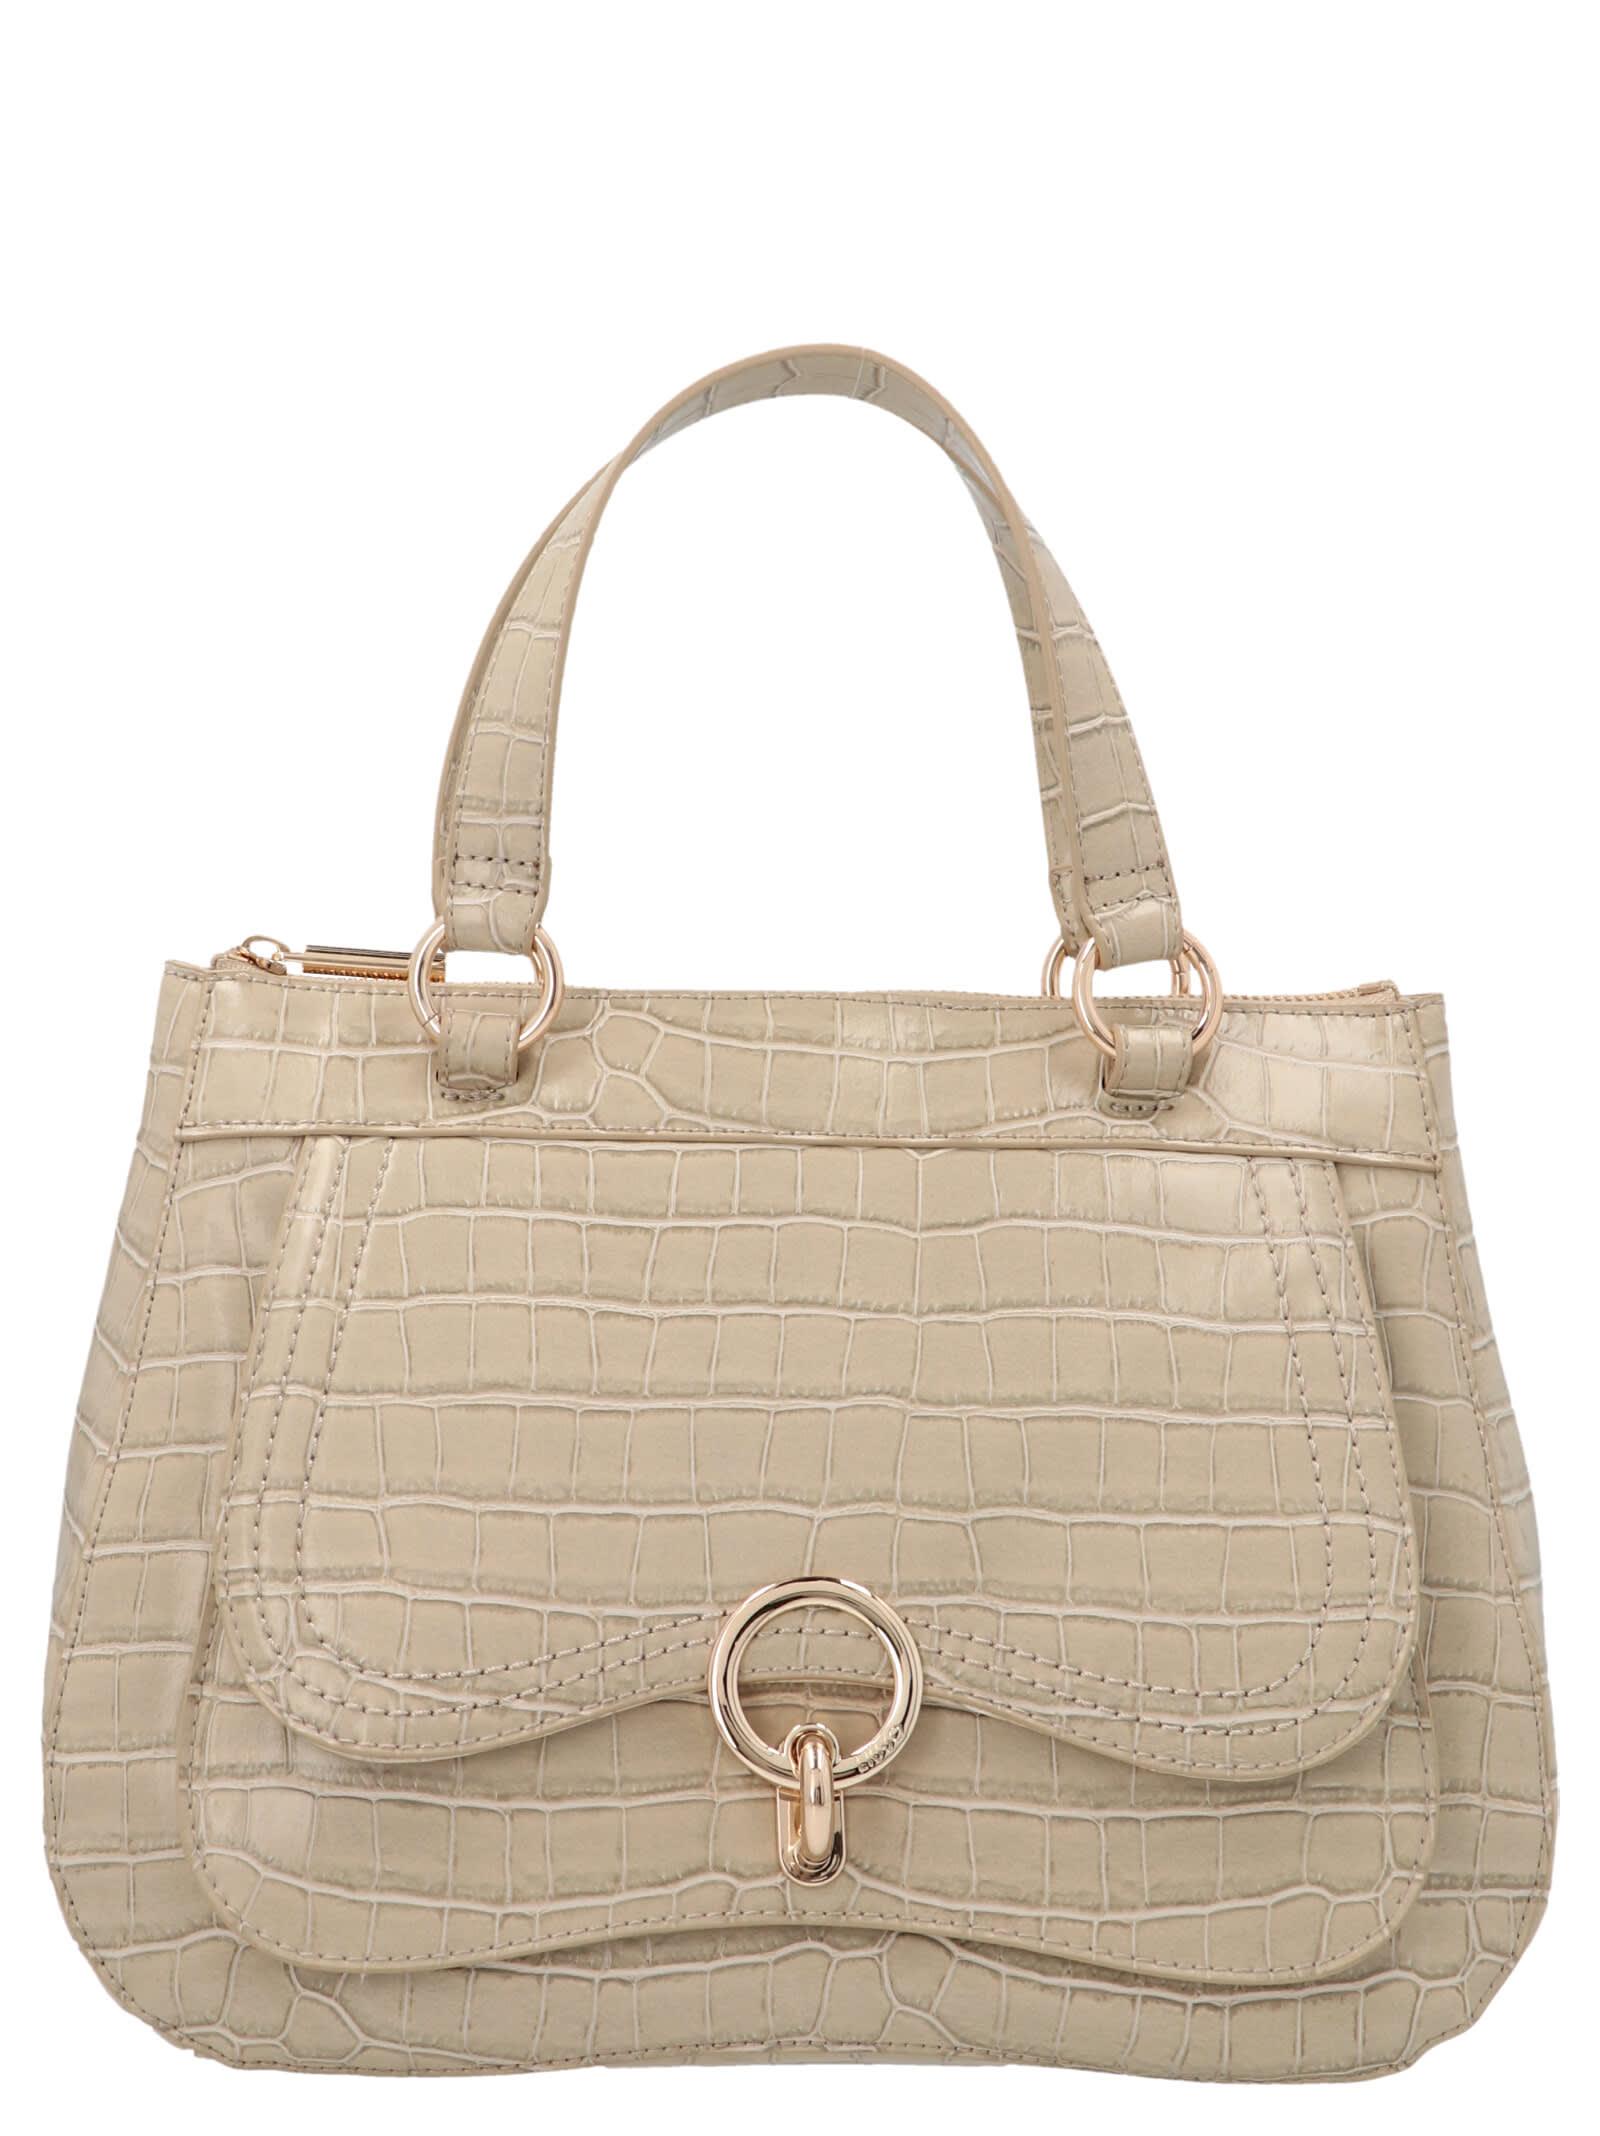 Liu •jo Crossbody bags LIU-JO M SATCHEL BAG